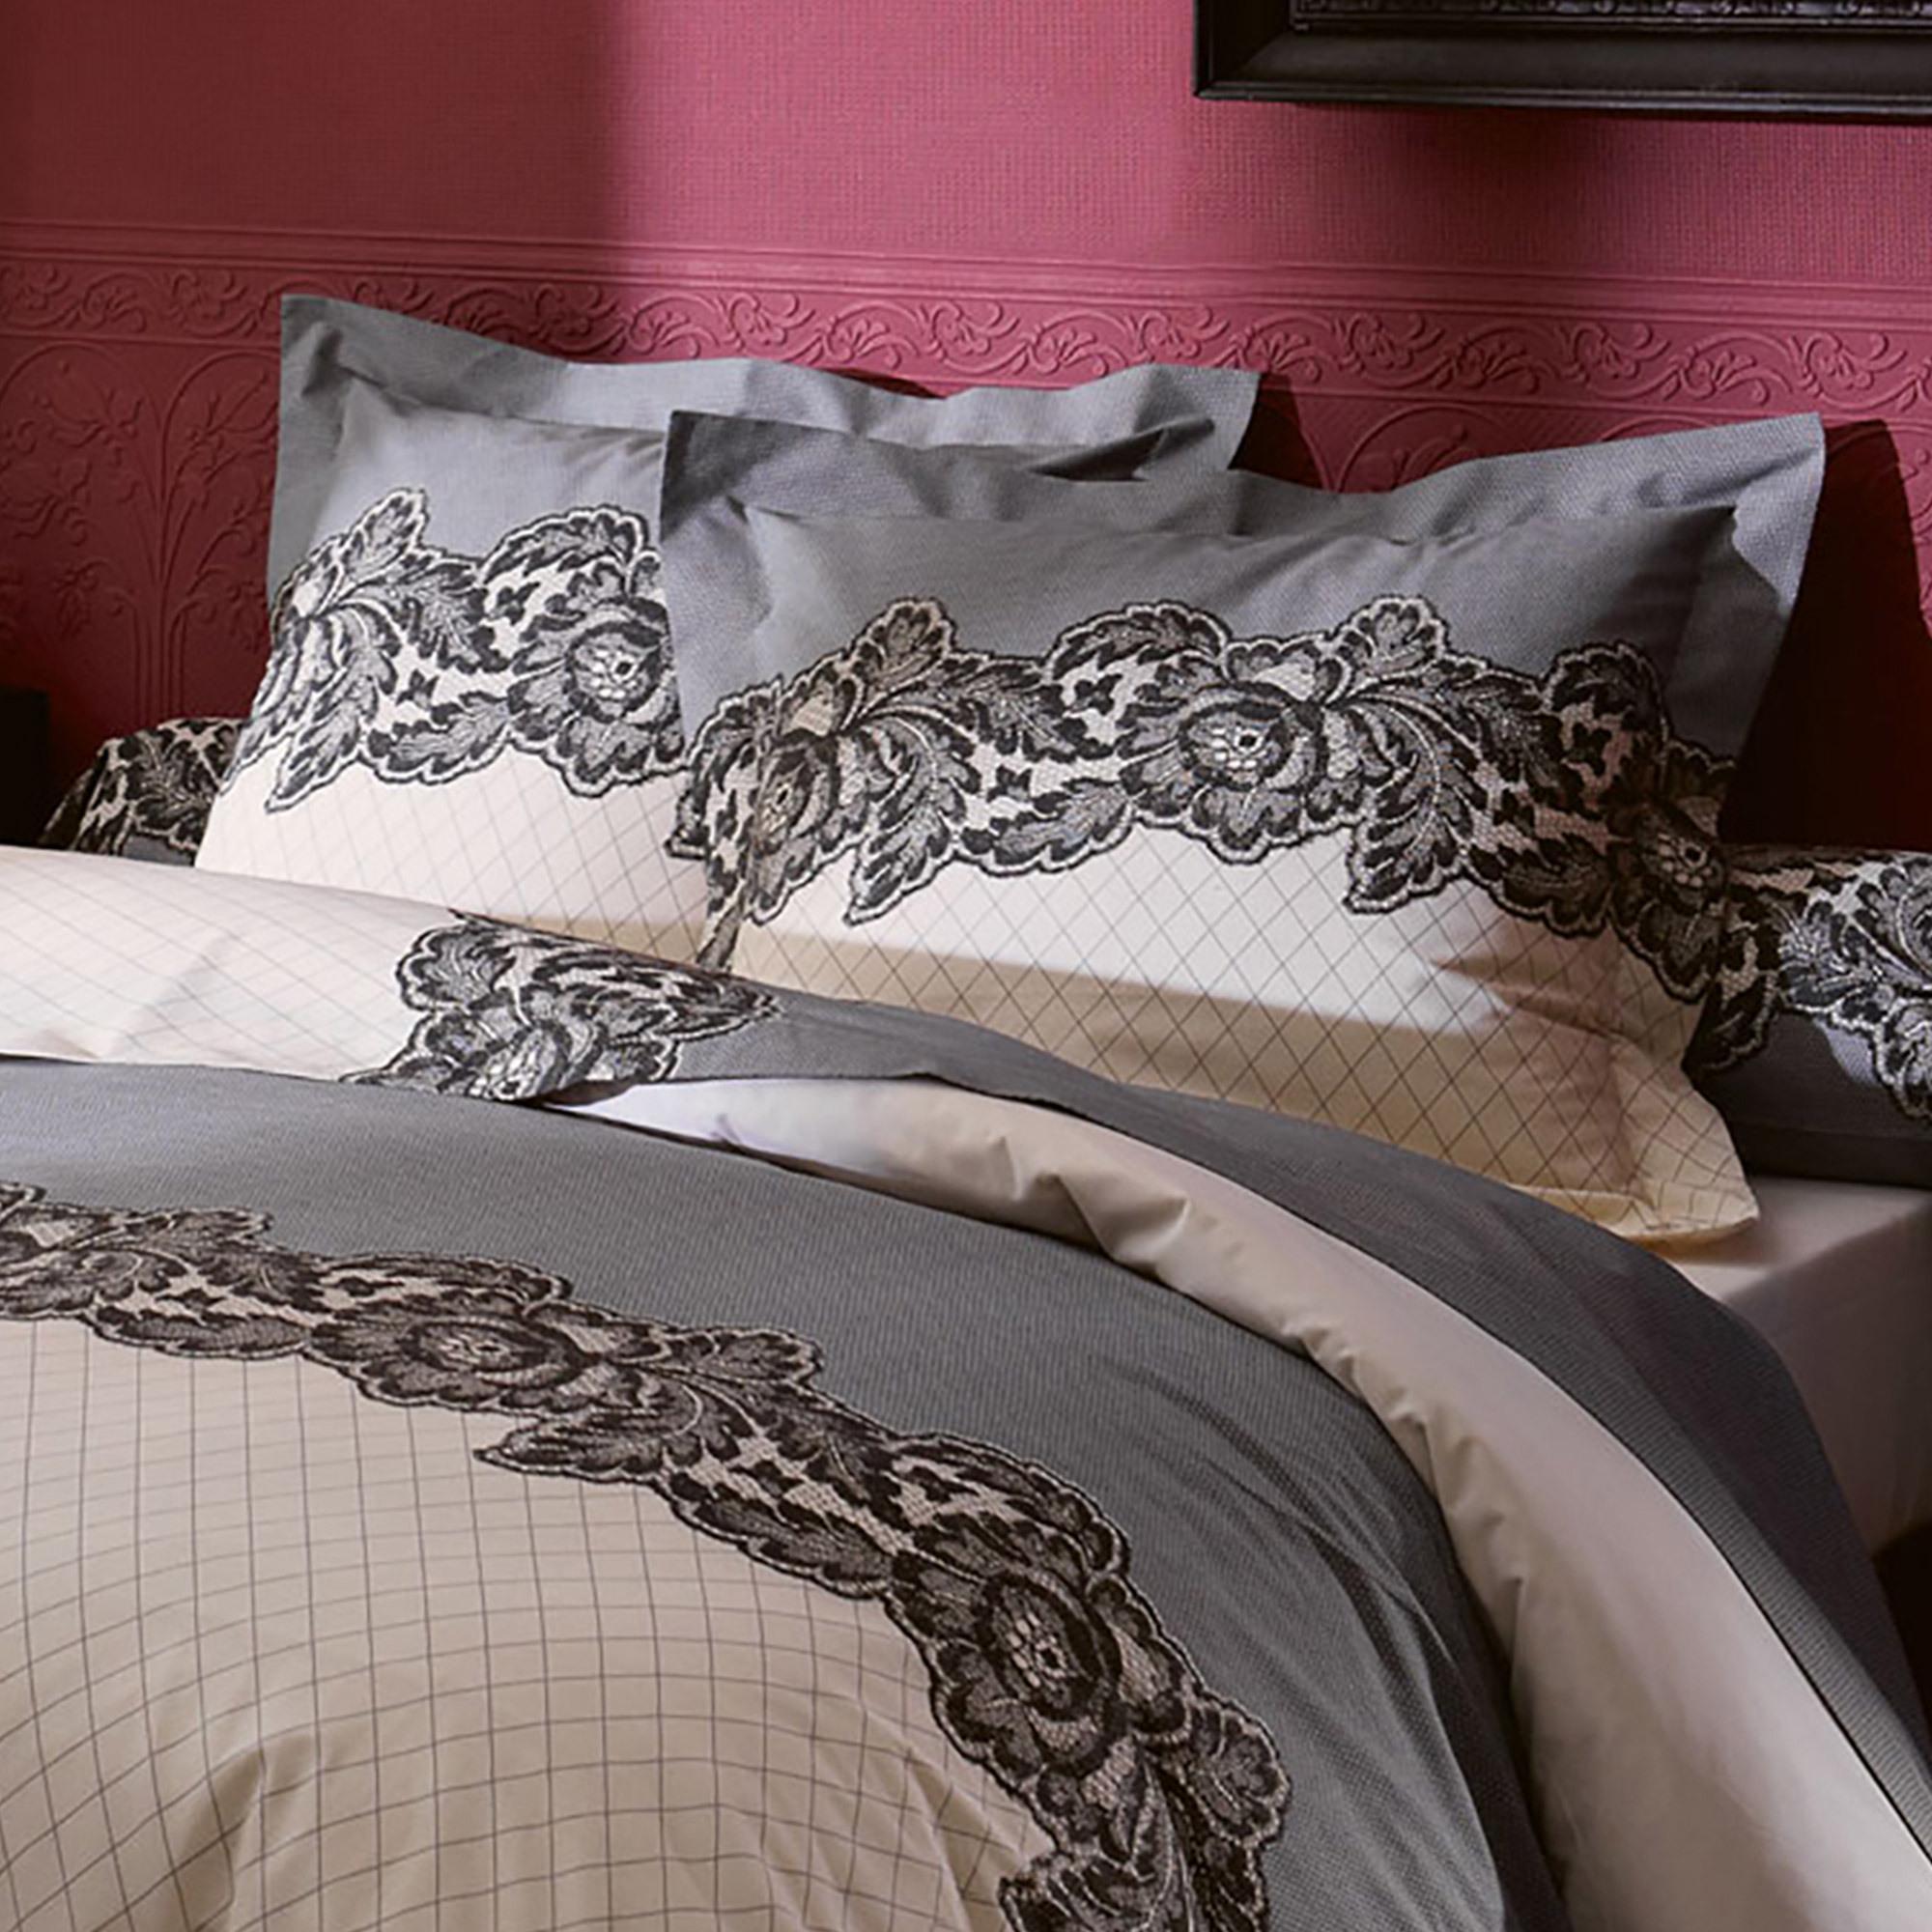 parure de lit 260x240 cm 100 coton malice linnea vente de linge de maison. Black Bedroom Furniture Sets. Home Design Ideas